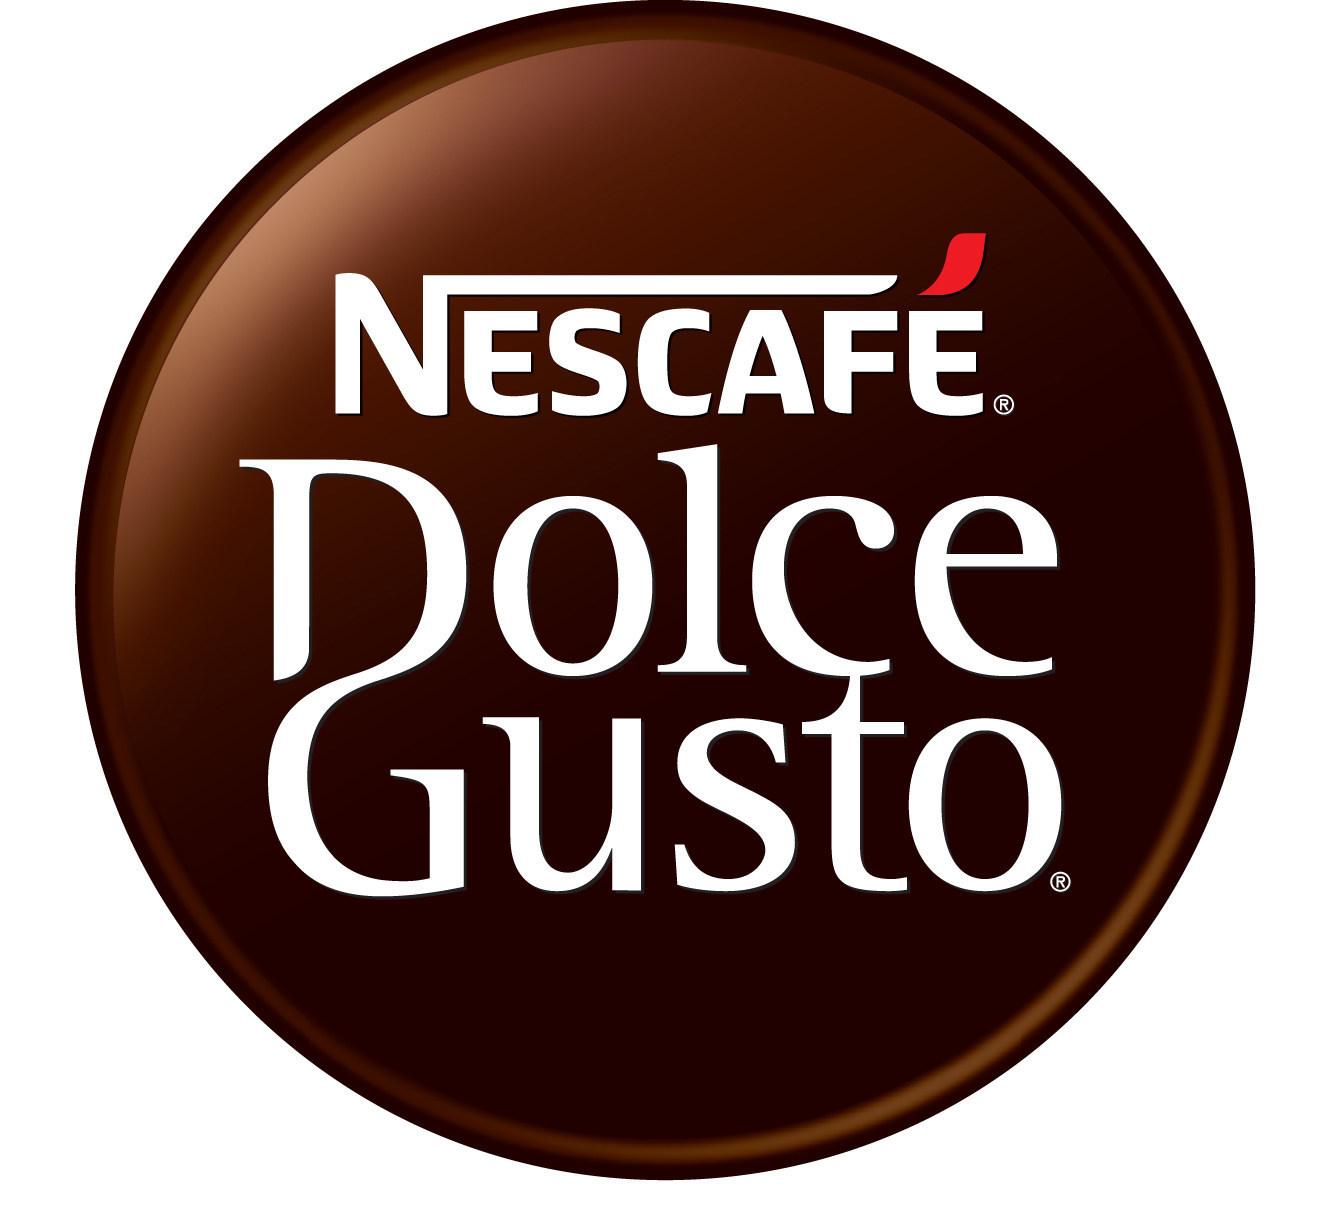 Dolce Gusto Adventskalender: 2 Latte Macchiato Gläser gratis ab 15€ MBW + 4 für 3 Aktion + gratis Lautsprecher für 6 Packungen